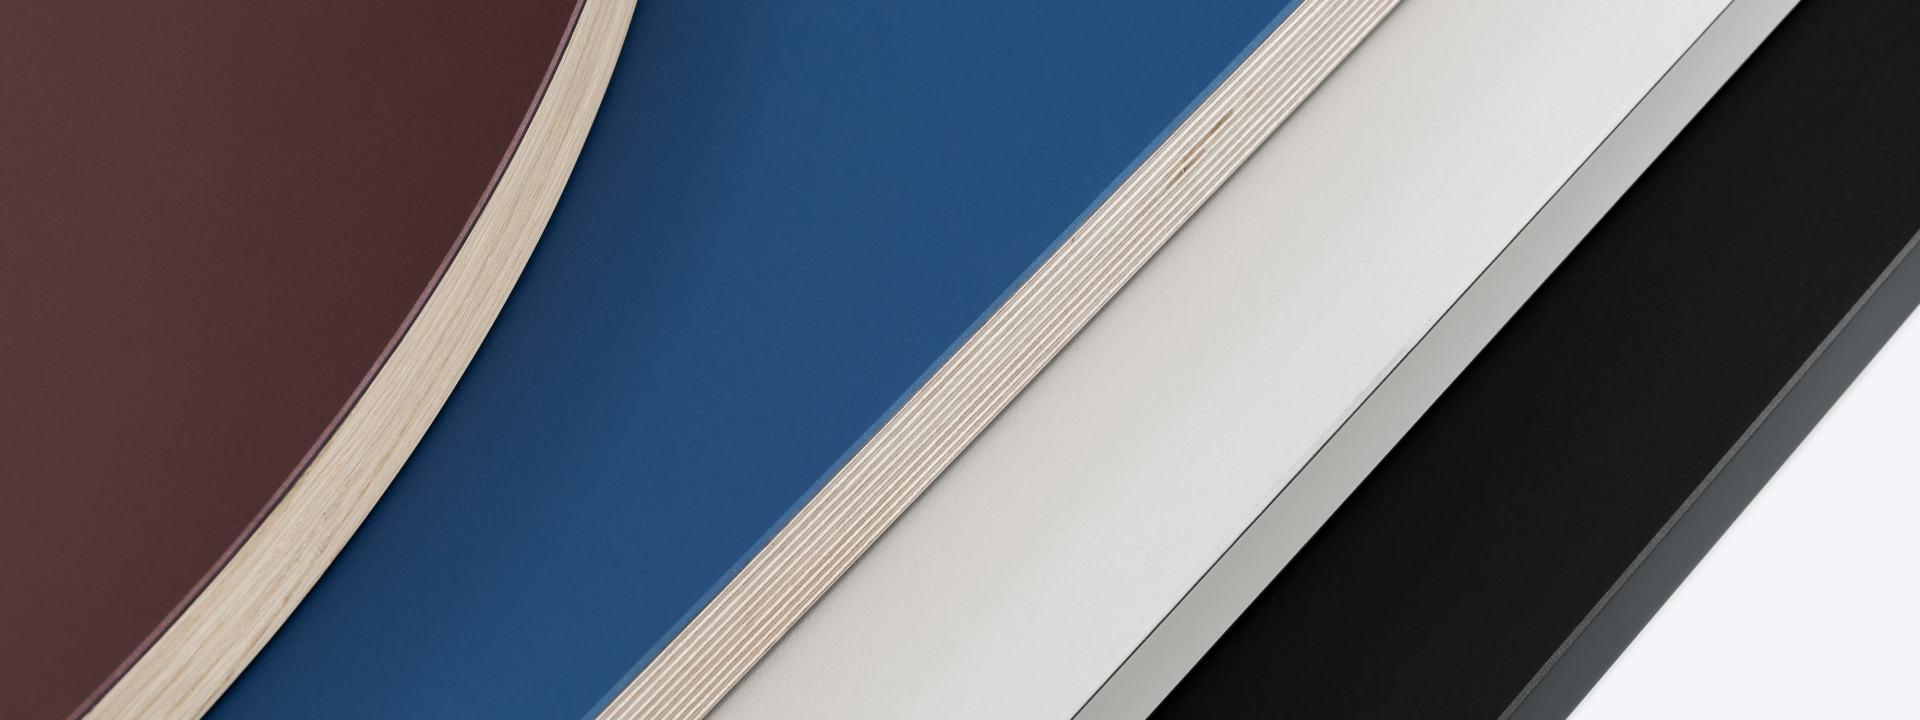 flcustom tischplatten tische by faust linoleum tische gestelle faust linoleum uk. Black Bedroom Furniture Sets. Home Design Ideas